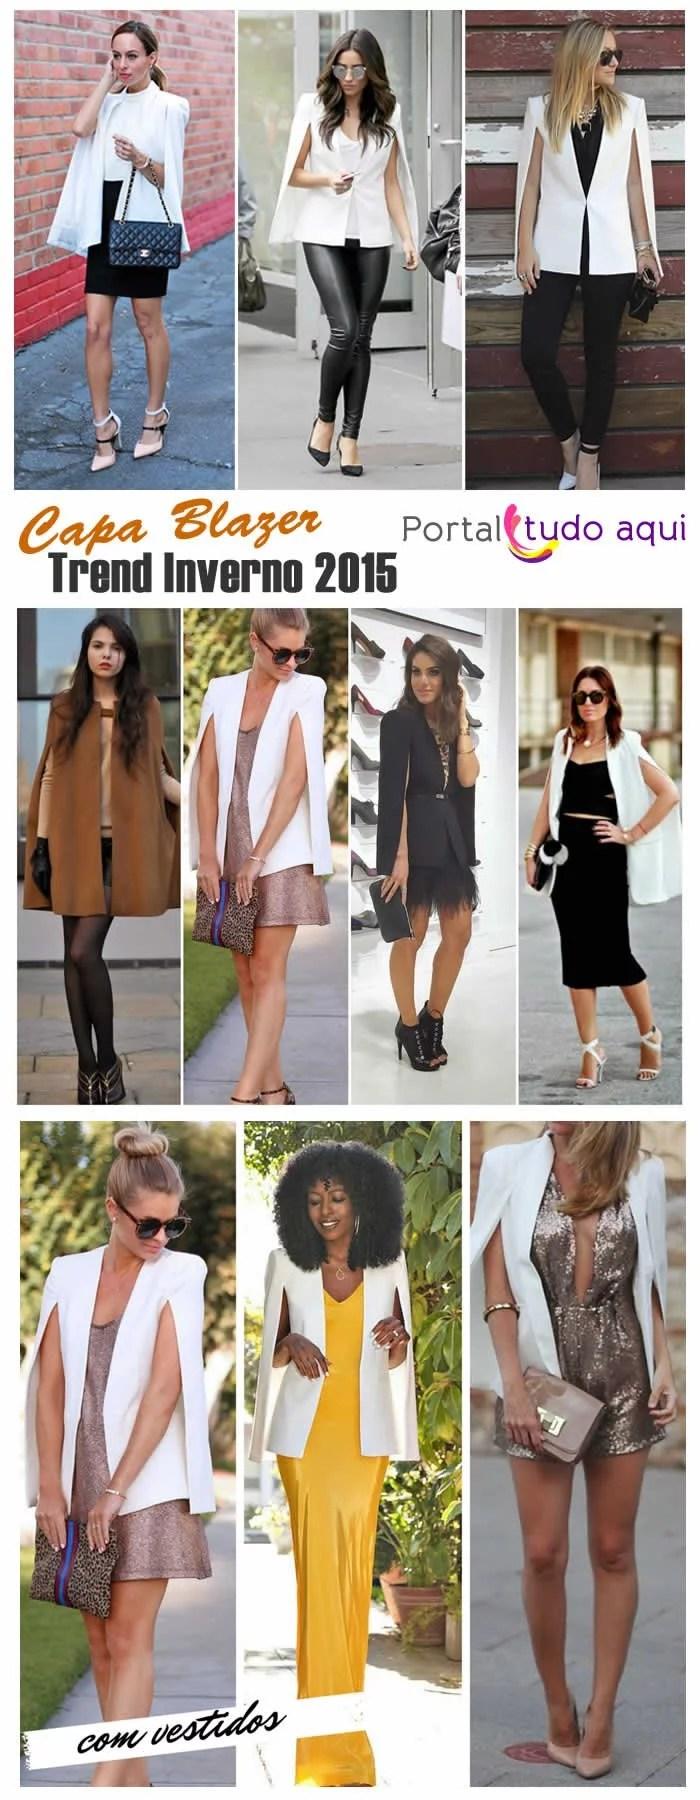 capa-blazer-tendencia de moda inverno 2015